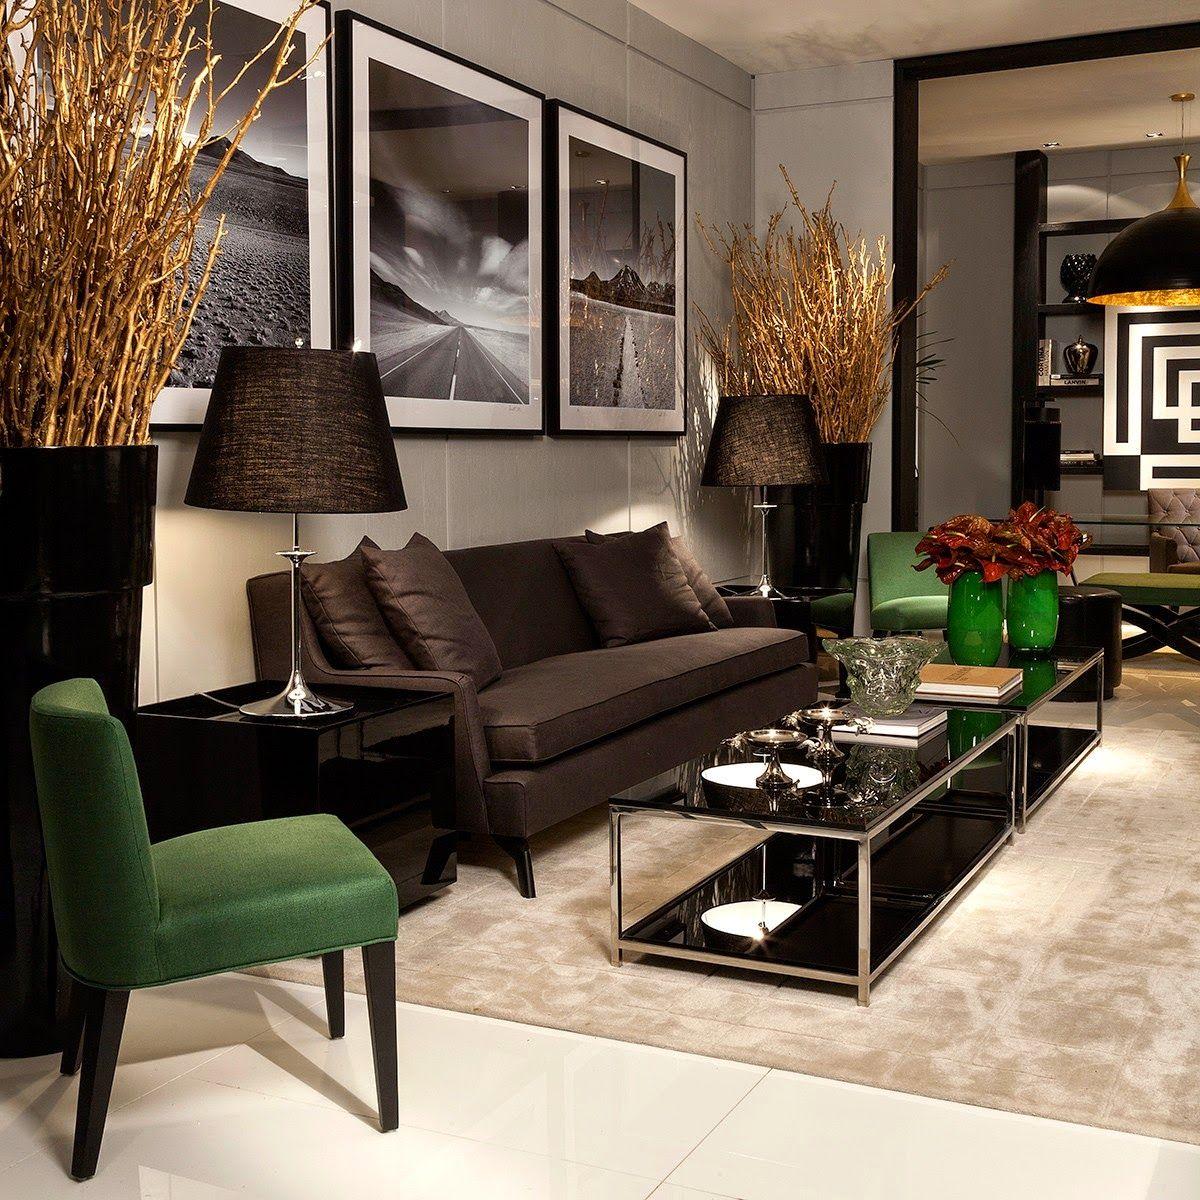 Ambientes sofisticados com estilo contemporâneo e clássico